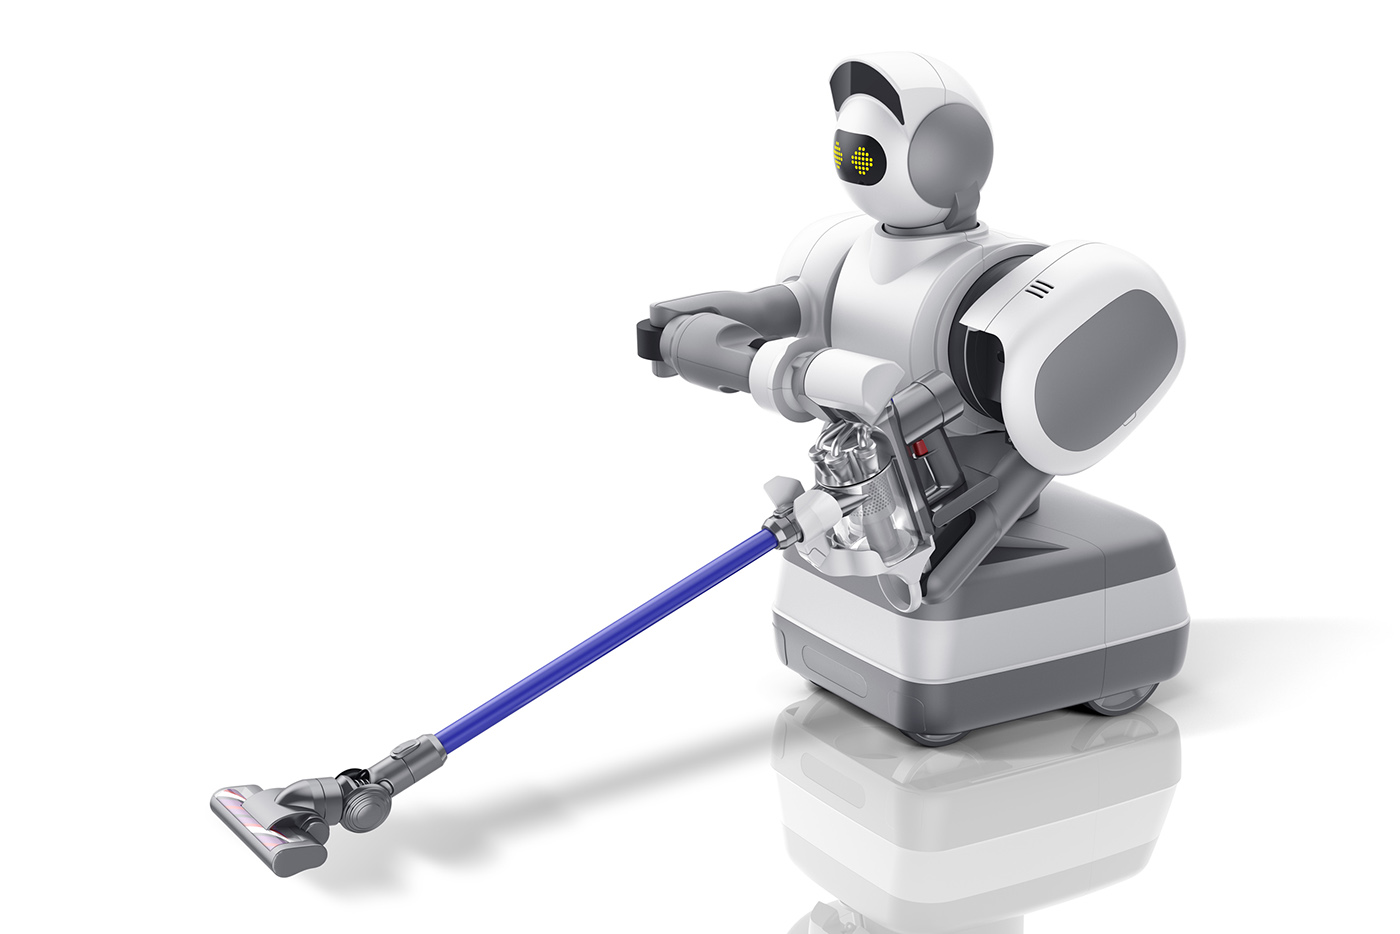 Roboten Aeolus kan städa huset, men också hämta det du vill ha från kylskåpet. Foto: Aeolus Robotics